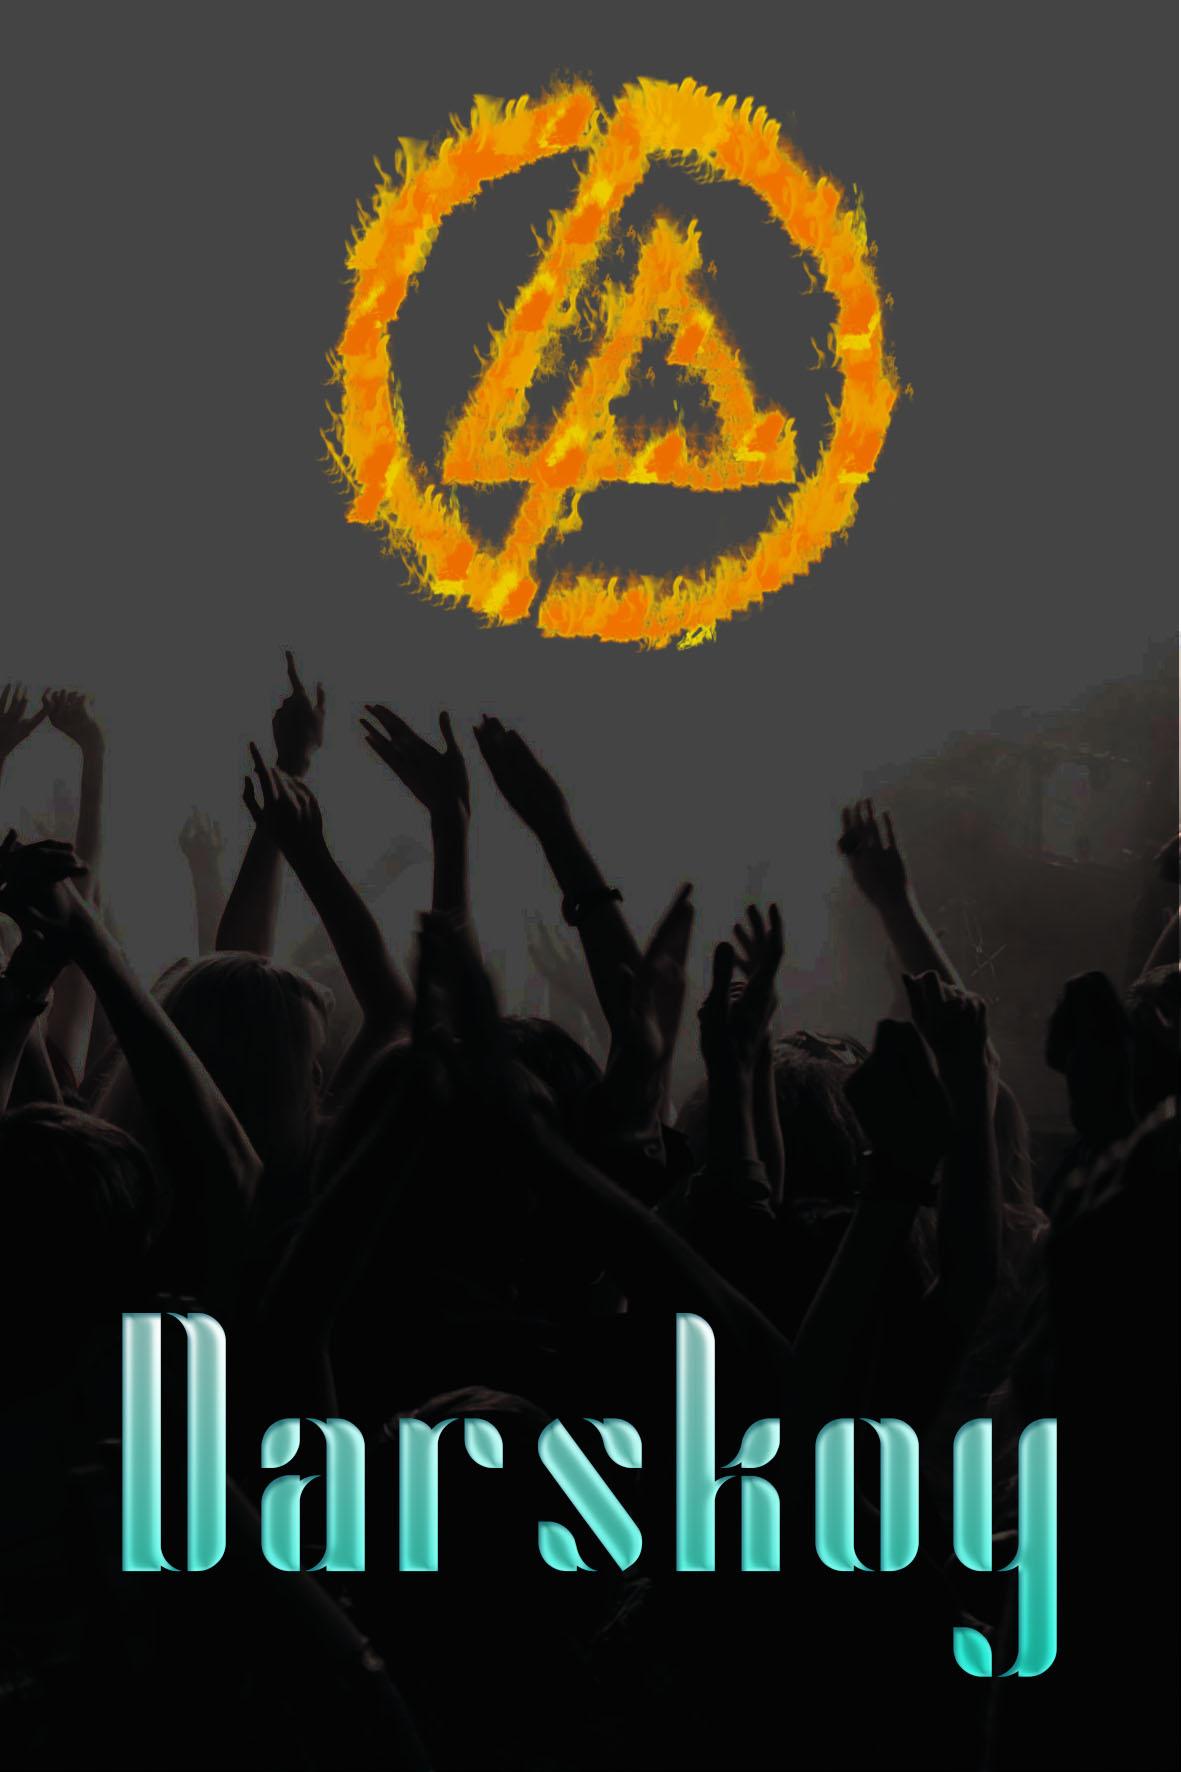 Нарисовать логотип для сольного музыкального проекта фото f_2255ba8898a5d249.jpg